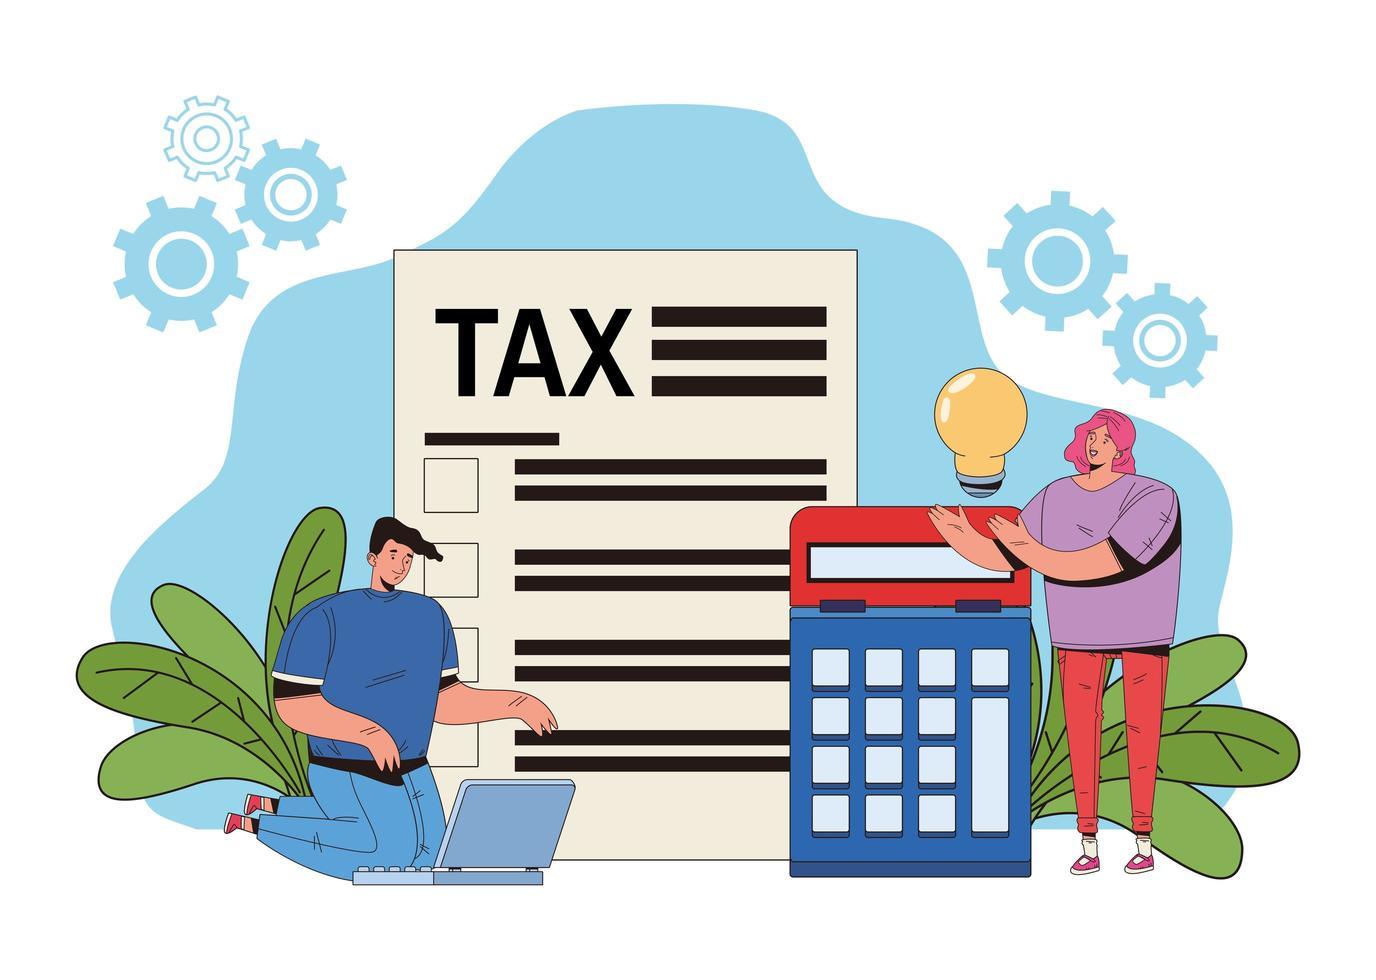 concetto di pagamento delle tasse con persone e calcolatrice vettore